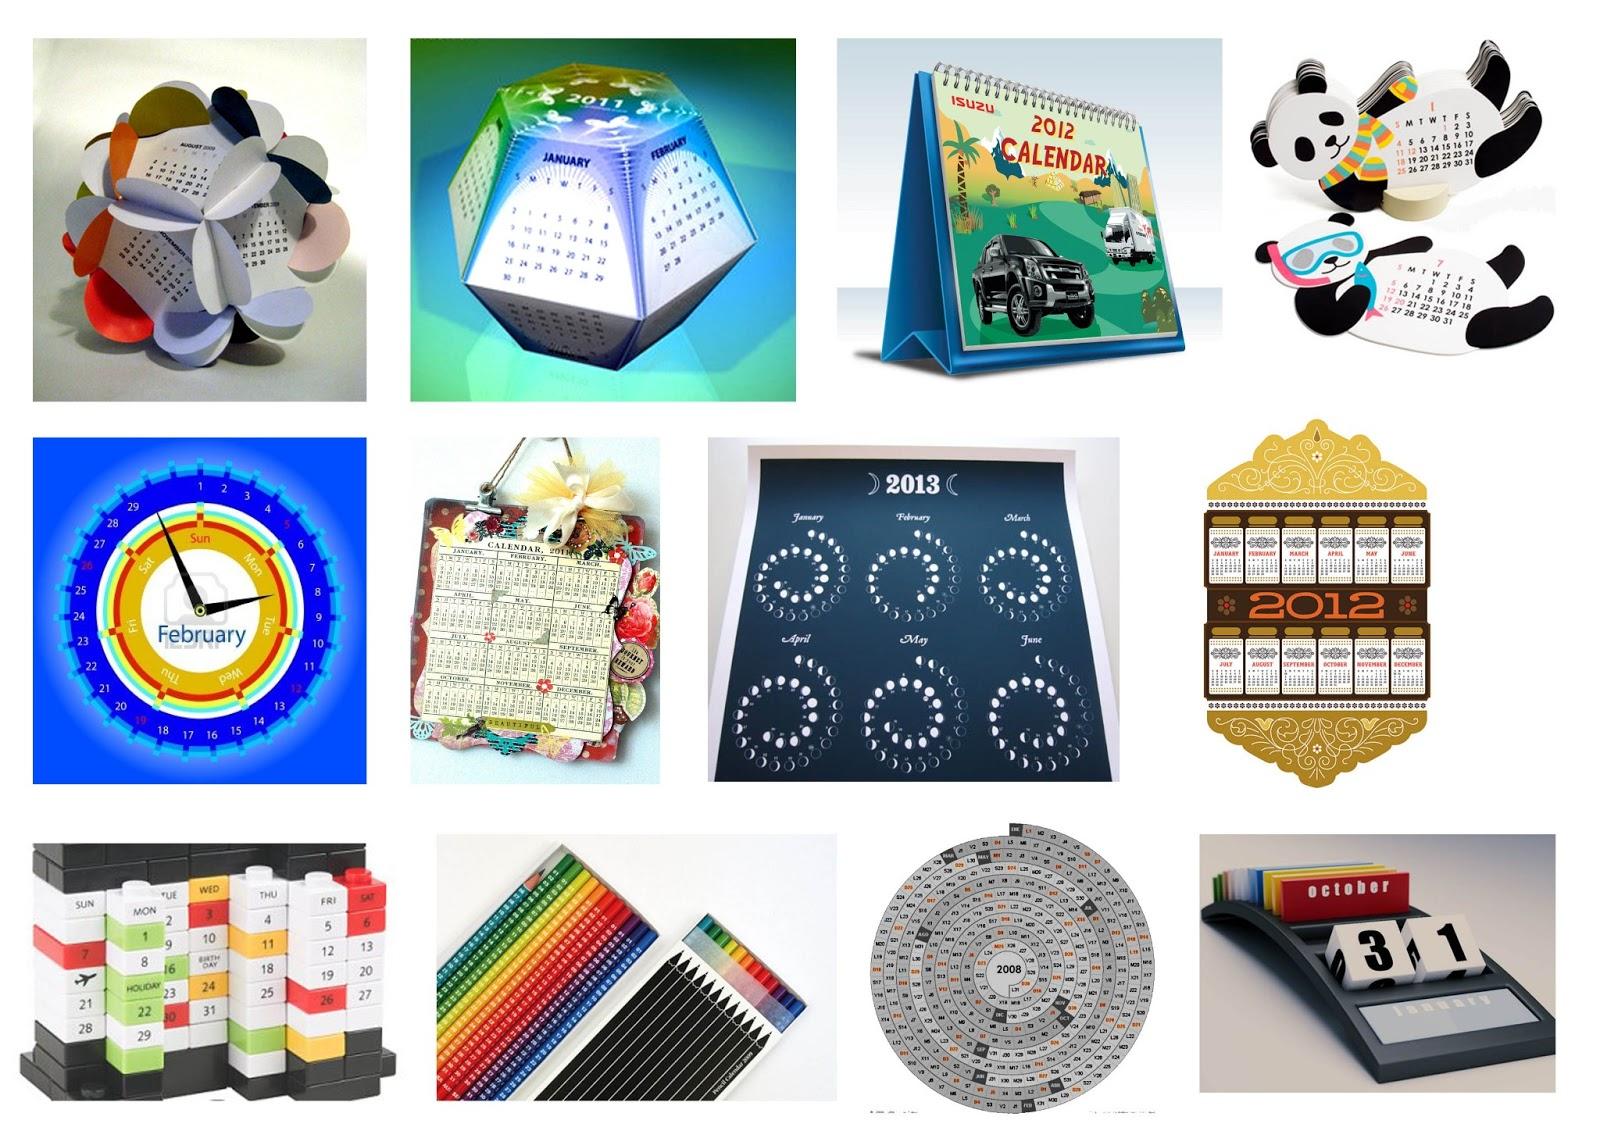 Koleksi gambar pelbagai reka bentuk kalendar.